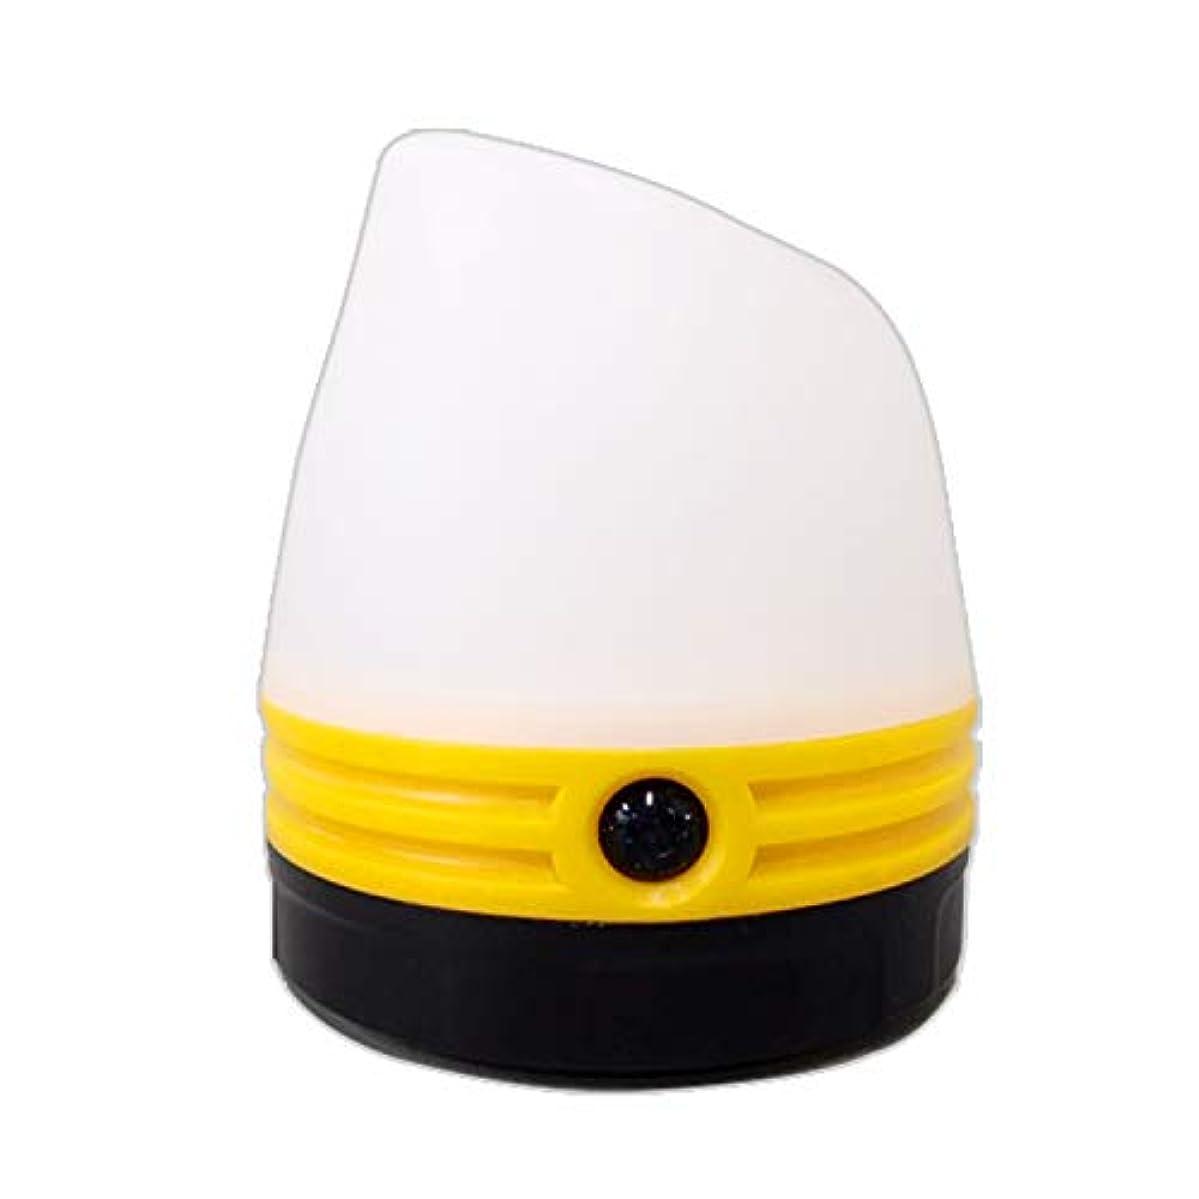 サイクロプス無声でエージェントcomolife(コモライフ) 小さなLEDランタン 電池式 アウトドア 防災 コンパクト 作業灯 キャンプ テントライト 夜釣り 置く 吊るす 390043